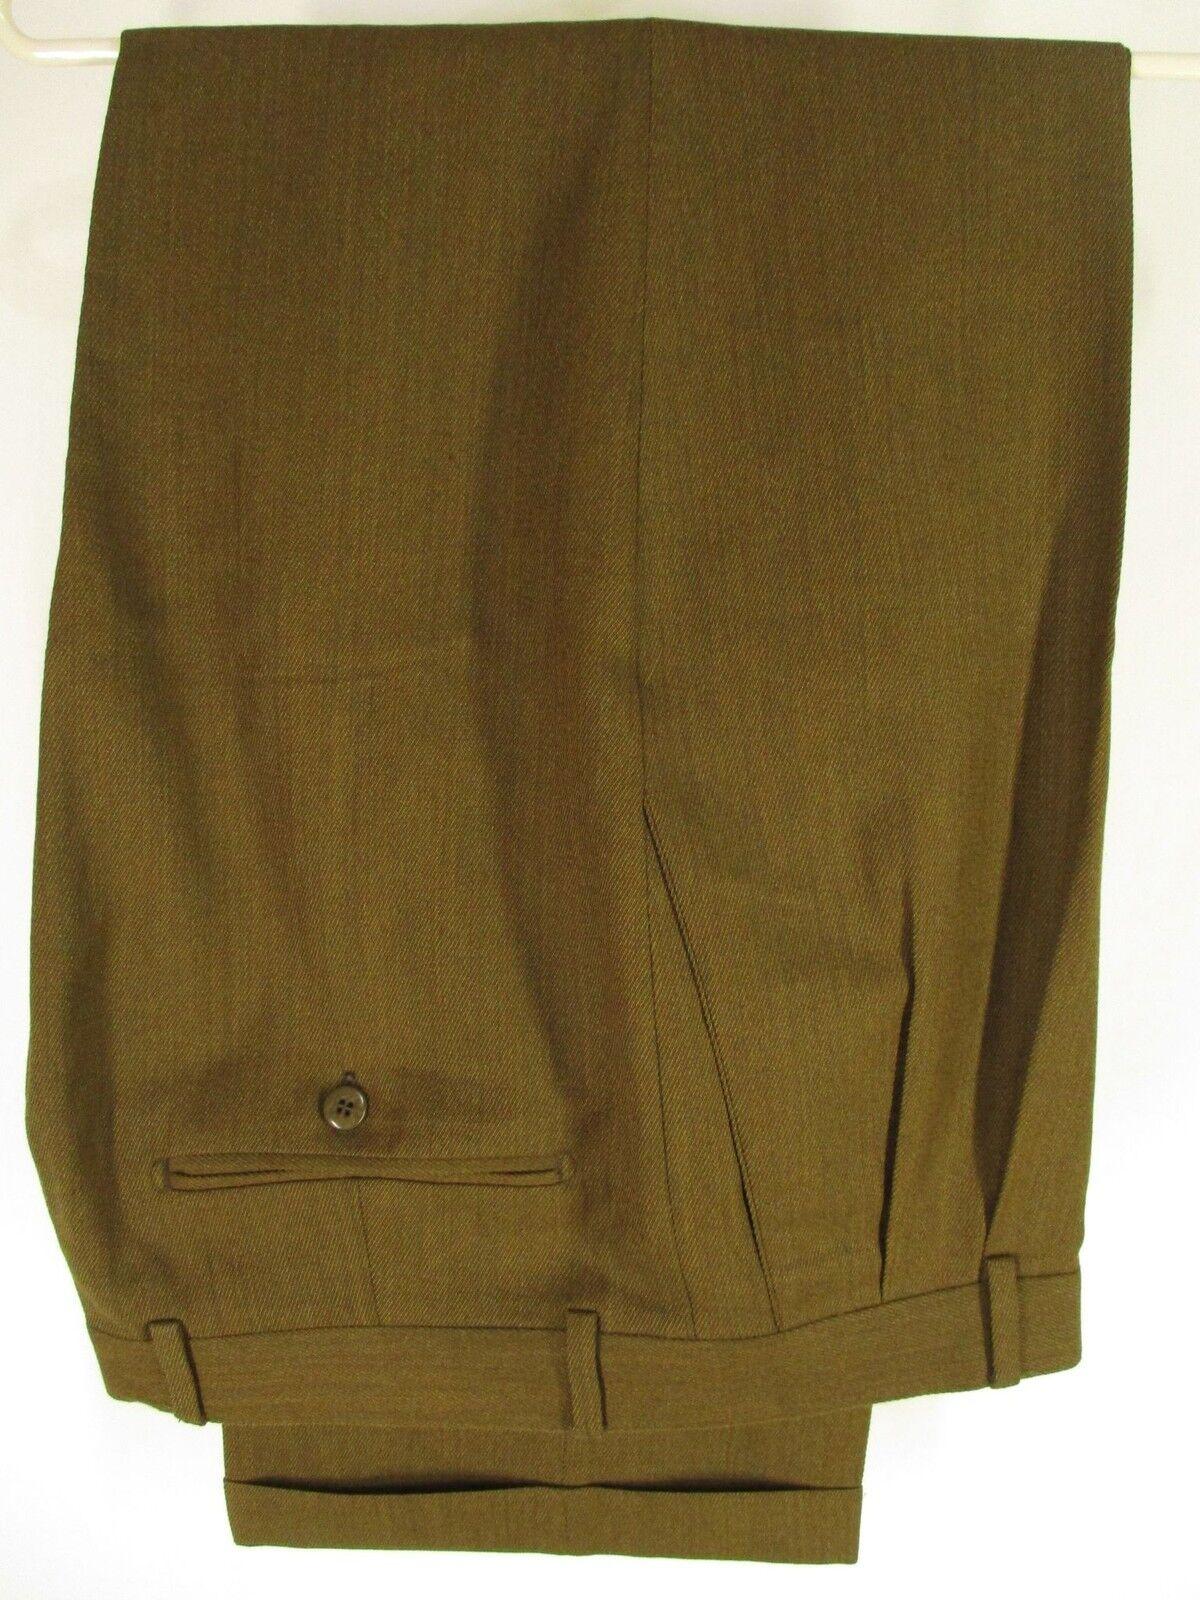 Zanella Bennett Mens Brown Pleated Wool Dress Pants 35x28.5